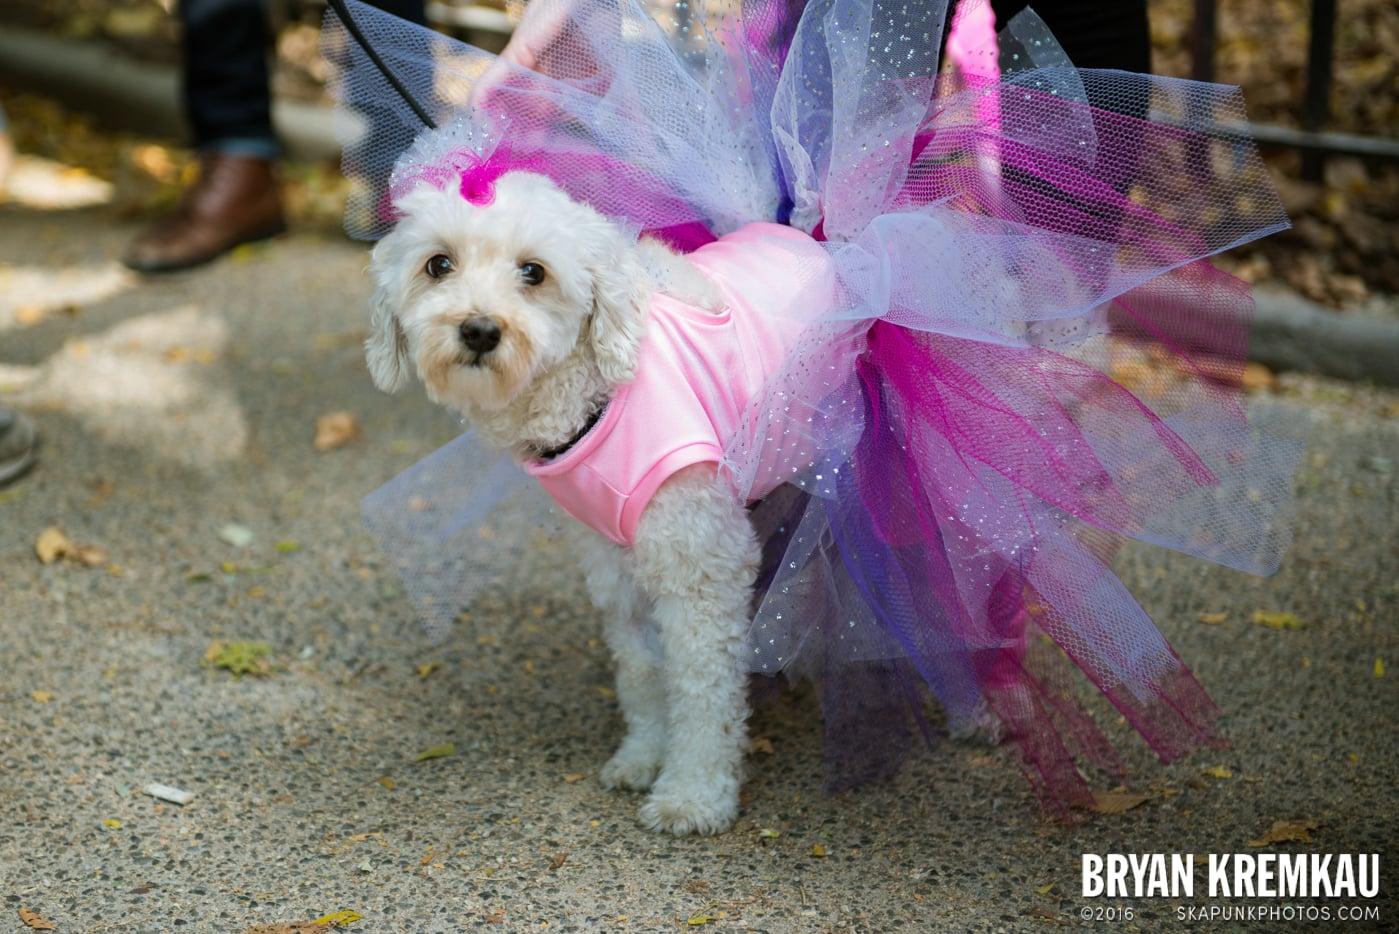 Tompkins Square Halloween Dog Parade 2013 @ Tompkins Square Park, NYC - 10.26.13 (39)